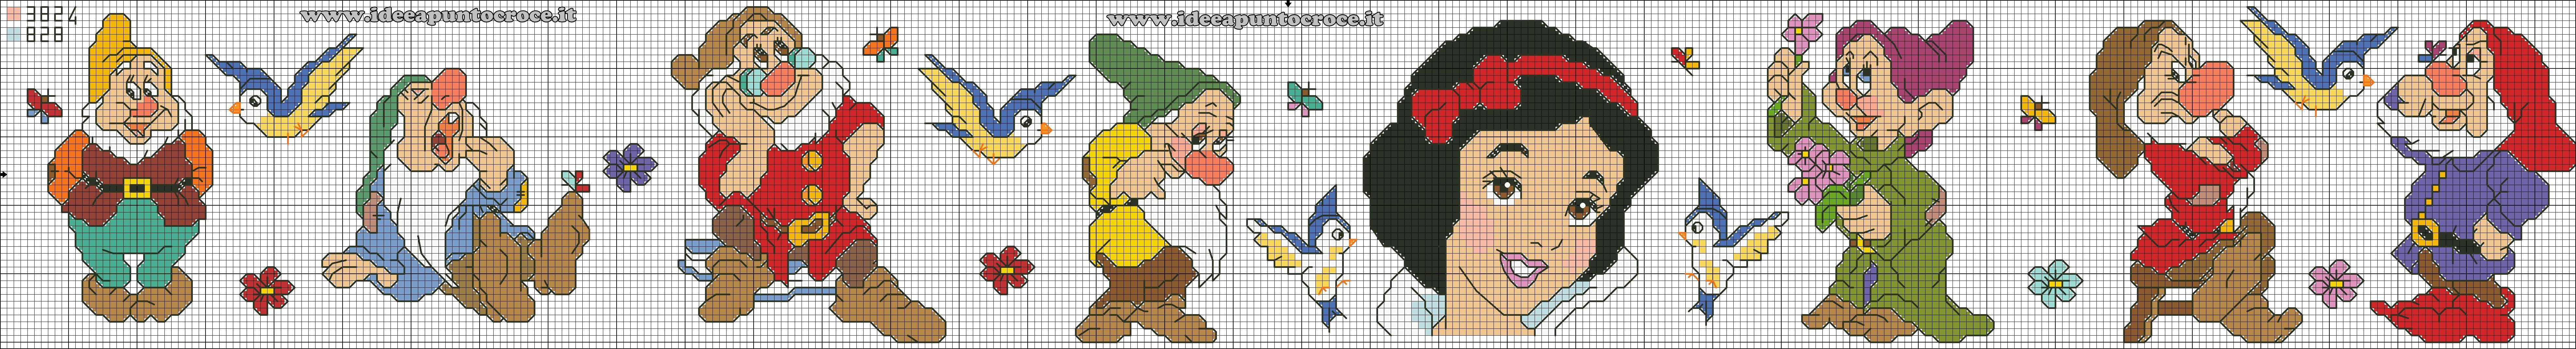 Schema bordura punto croce biancaneve e i sette nani for Farfalle punto croce schemi gratis